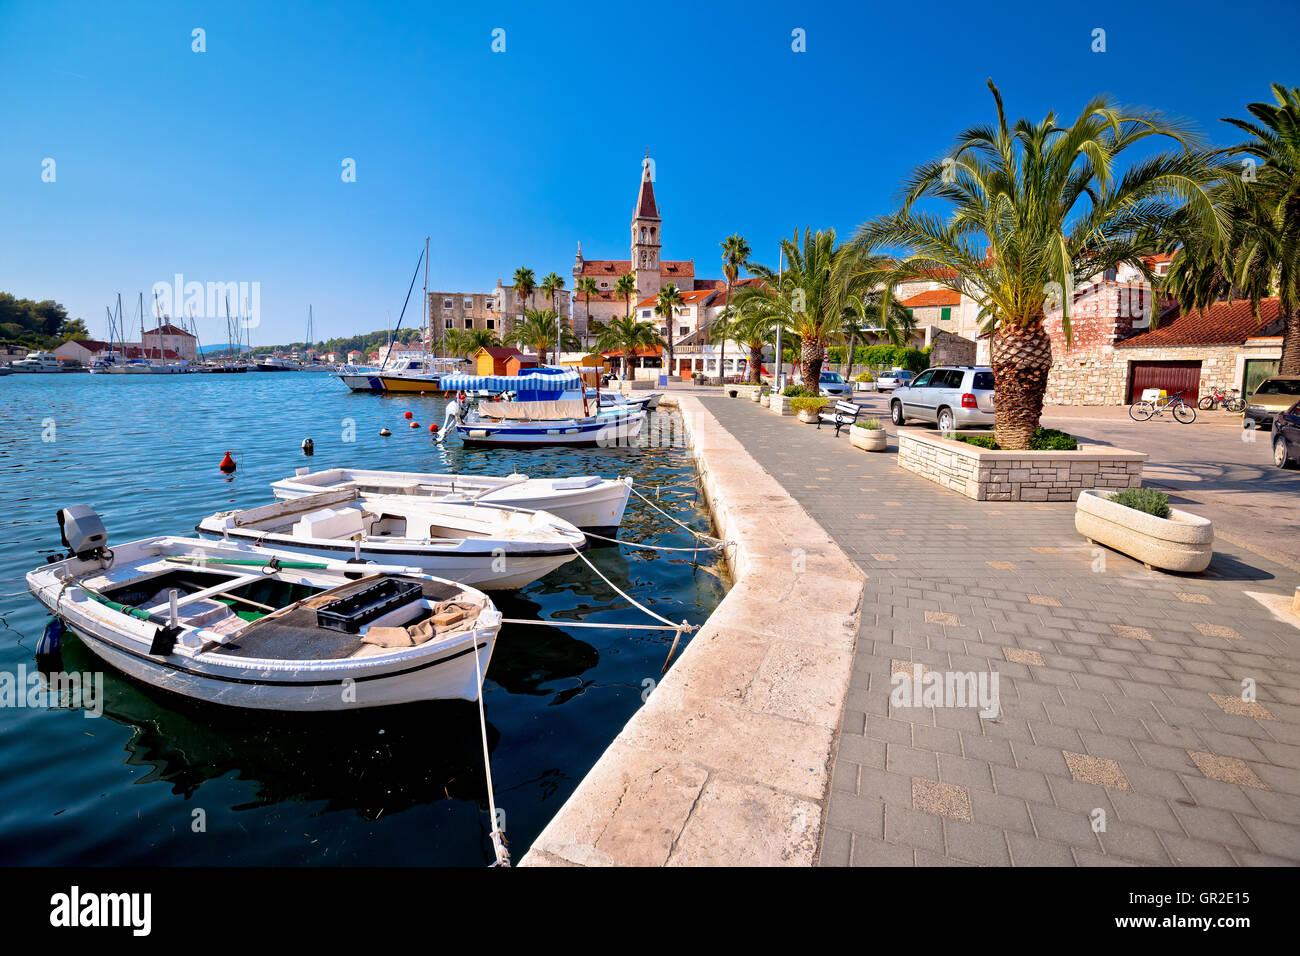 Città di Milna sul isola di Brac waterfront view, Dalmazia, Croazia Immagini Stock